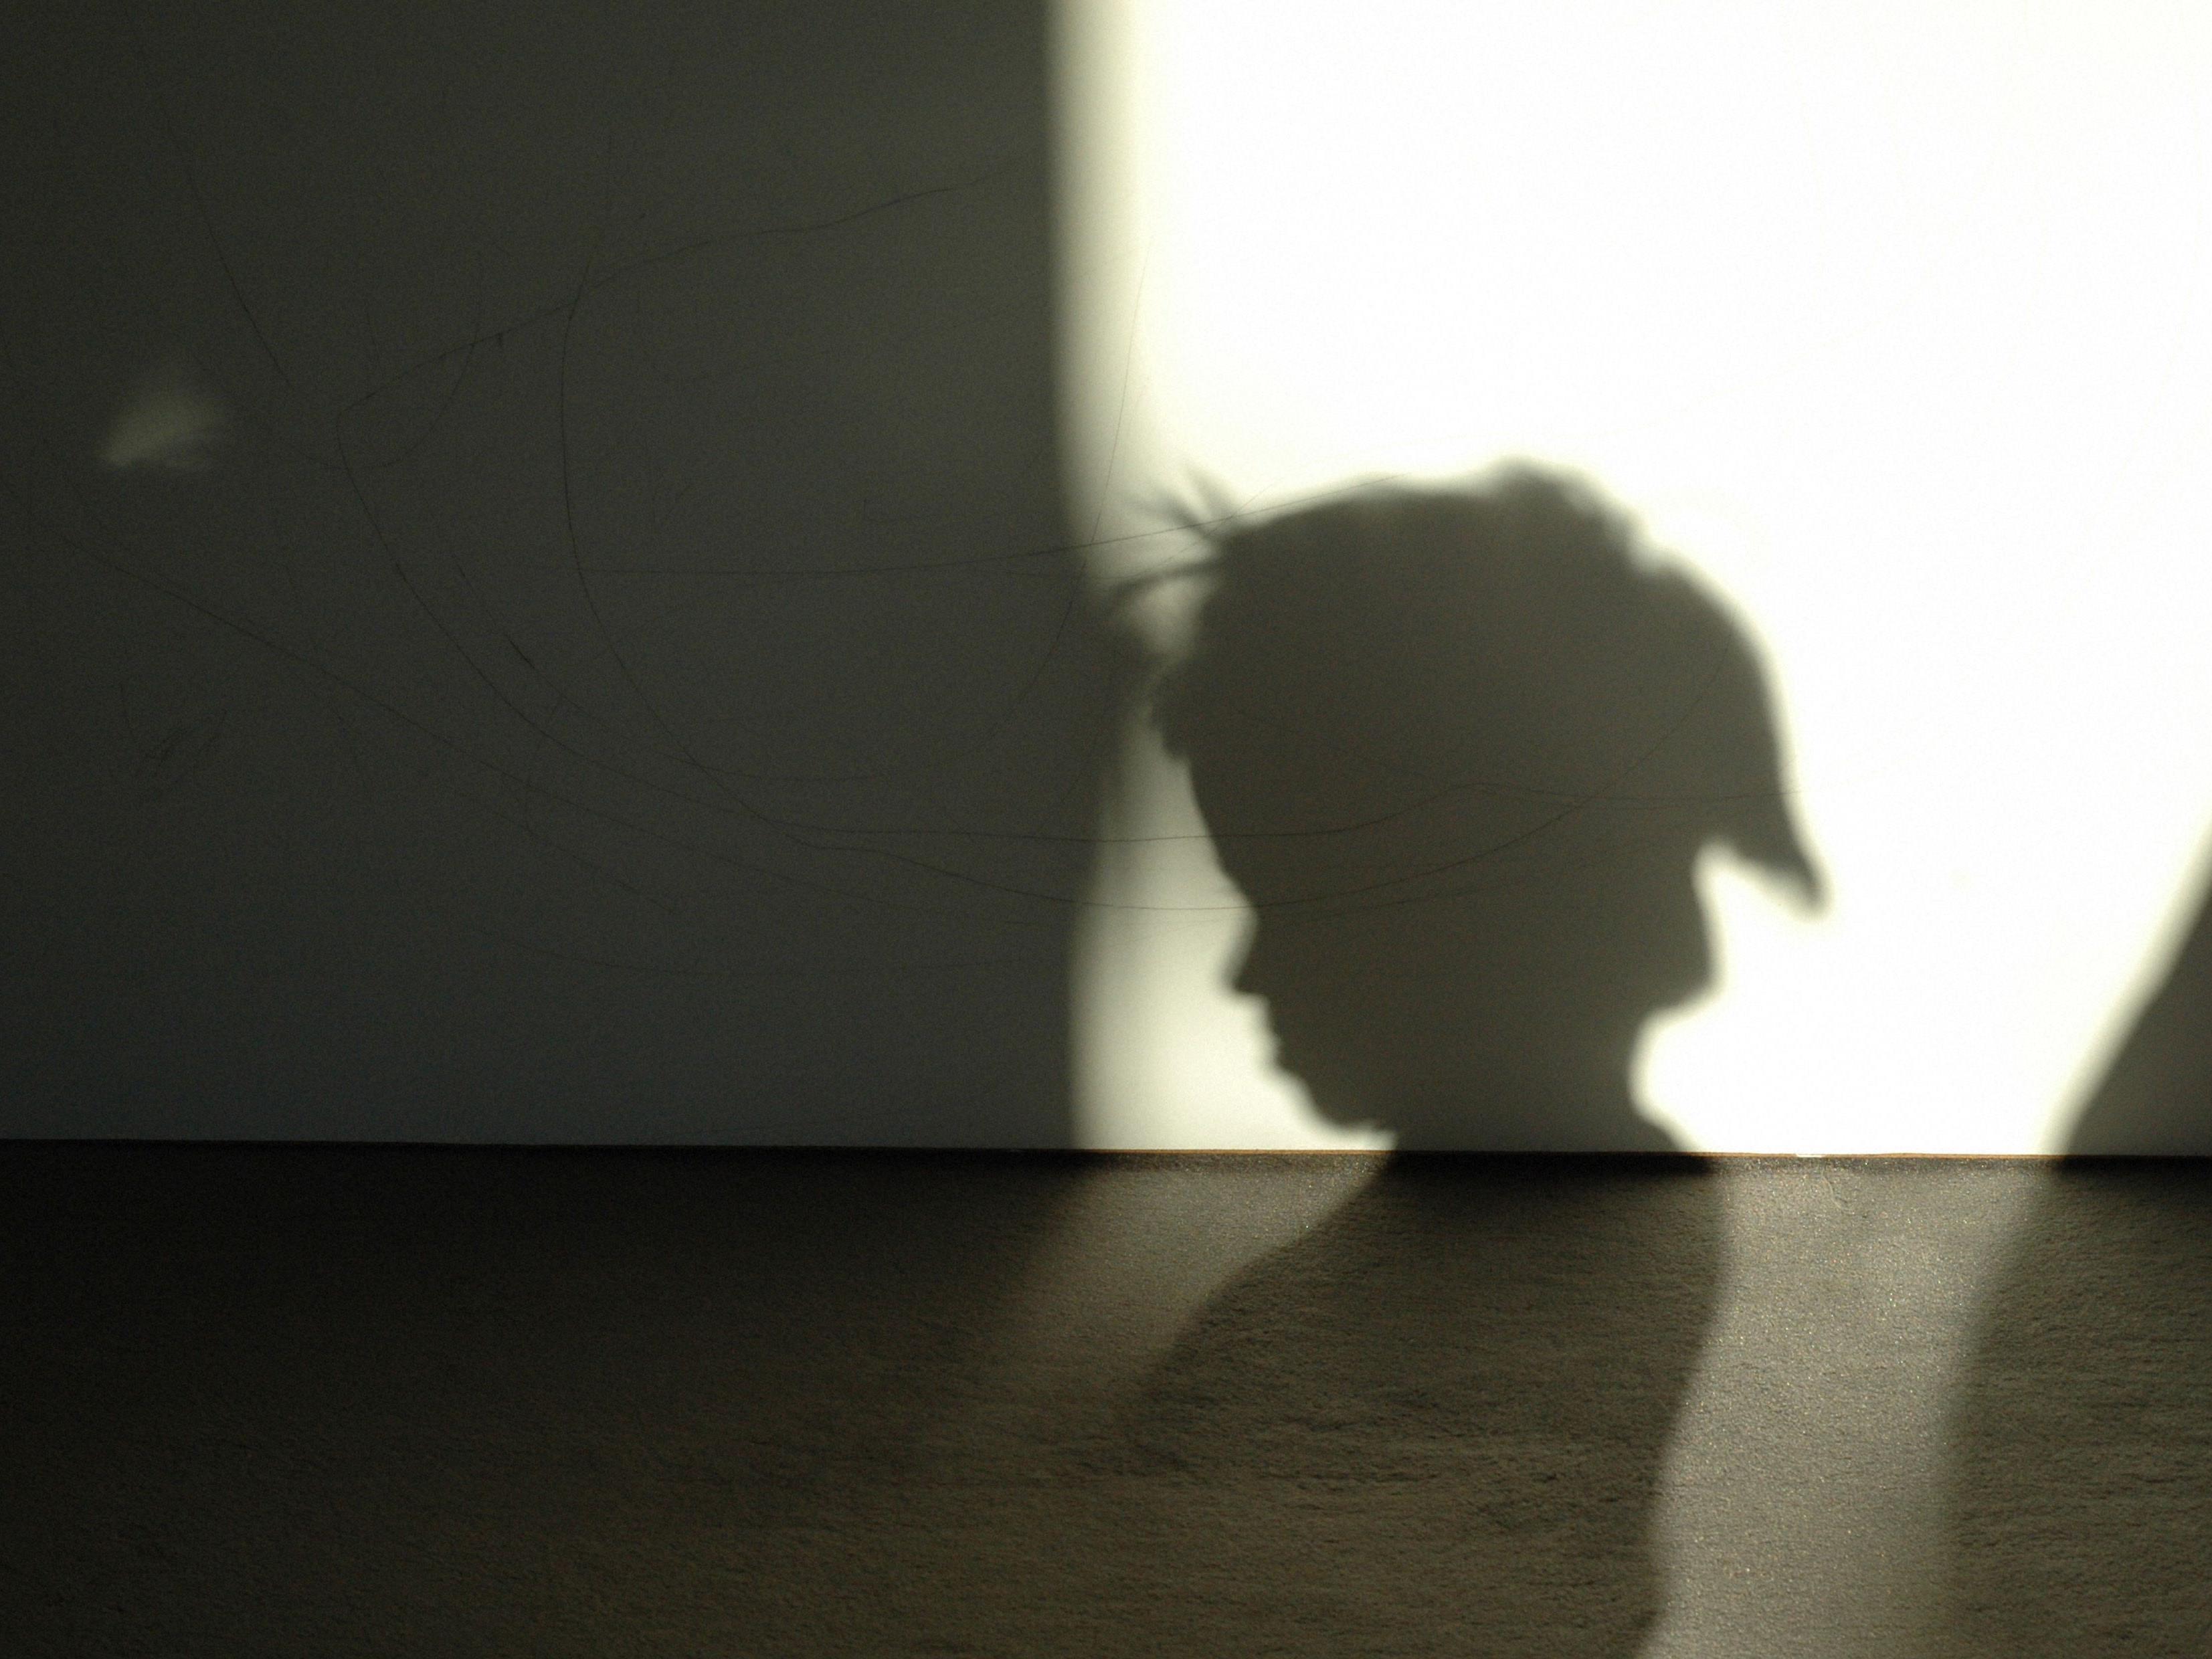 Ein Jugendpsychologe erstellt nun ein Gutachten darüber, ob bei dem Burschen zum Tatzeitpunkt verzögerte Reife gegeben war.